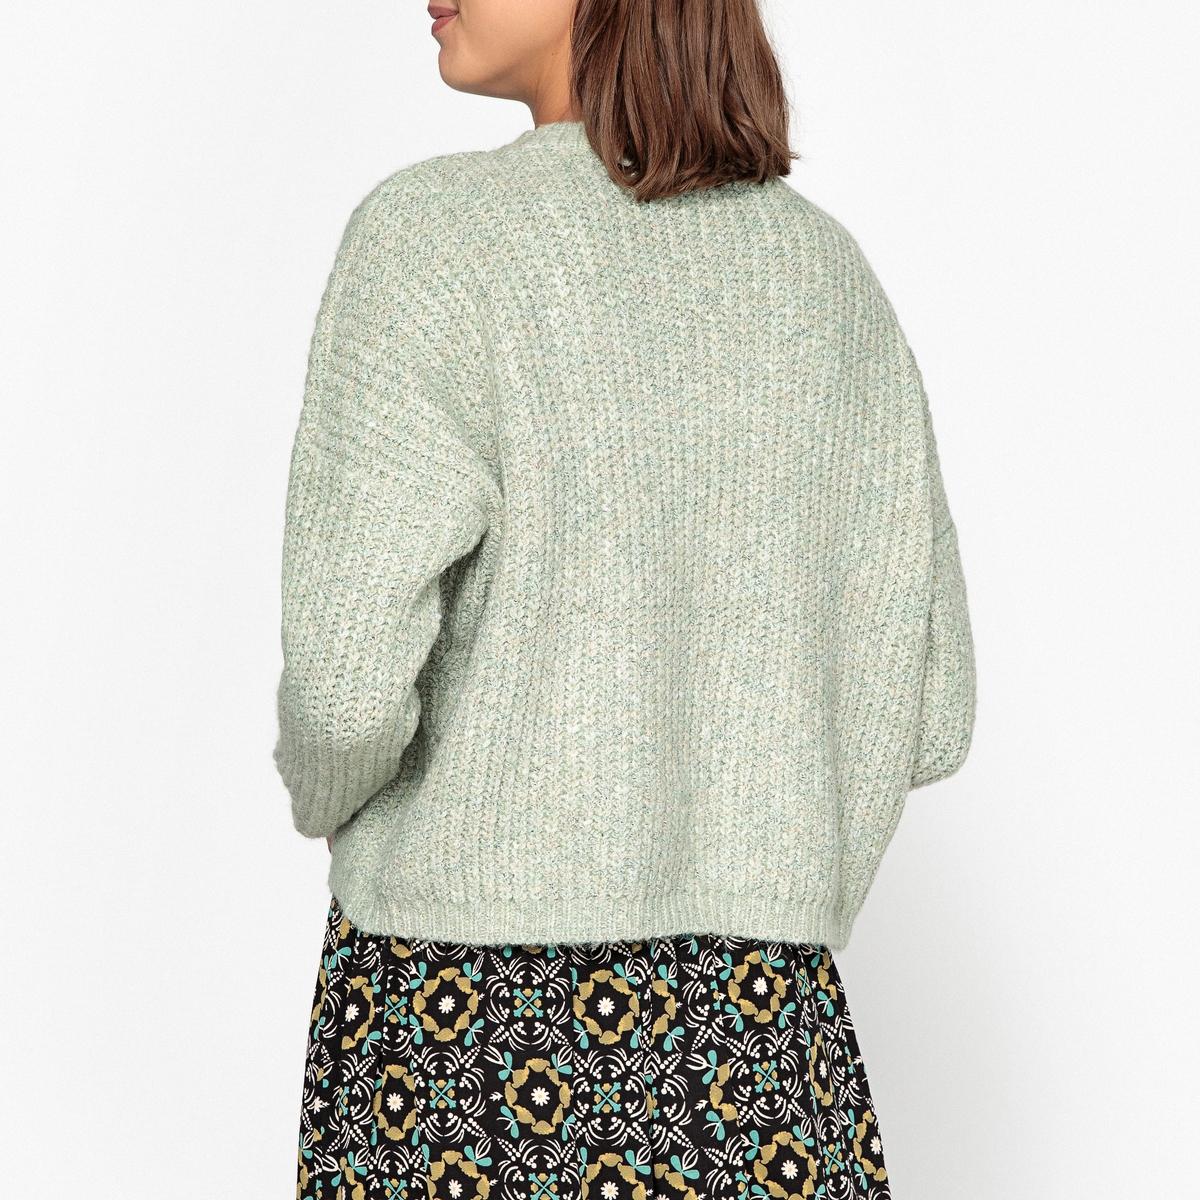 Пуловер из плотного трикотажа AUDRAN пуловер lueur